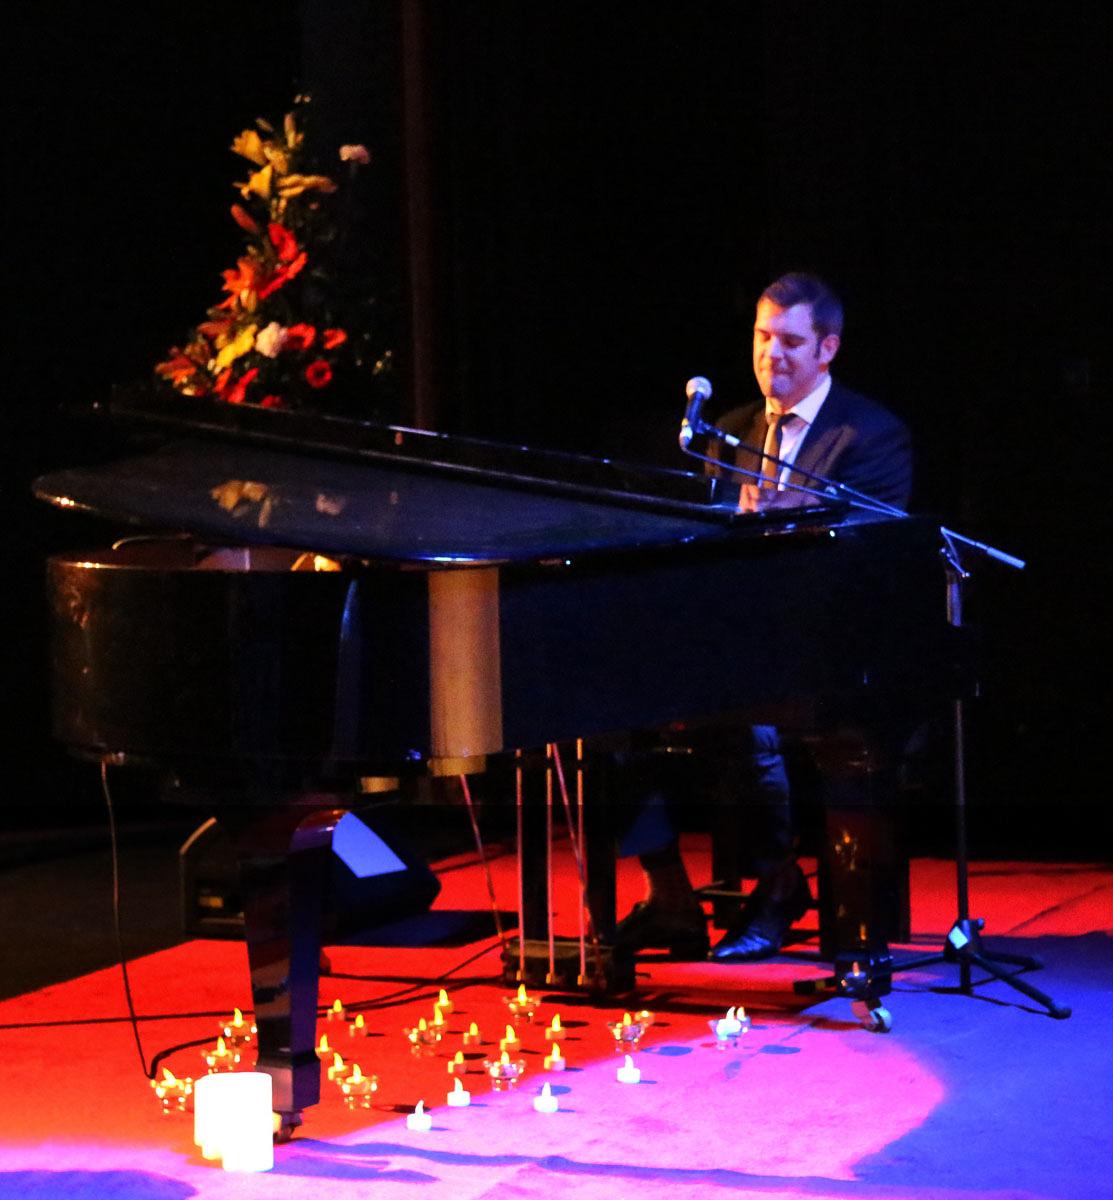 Allingham Festival Concert 2016 - Abbey Arts Centre, Ballyshannon - Nov. 5th 2016-93.jpg